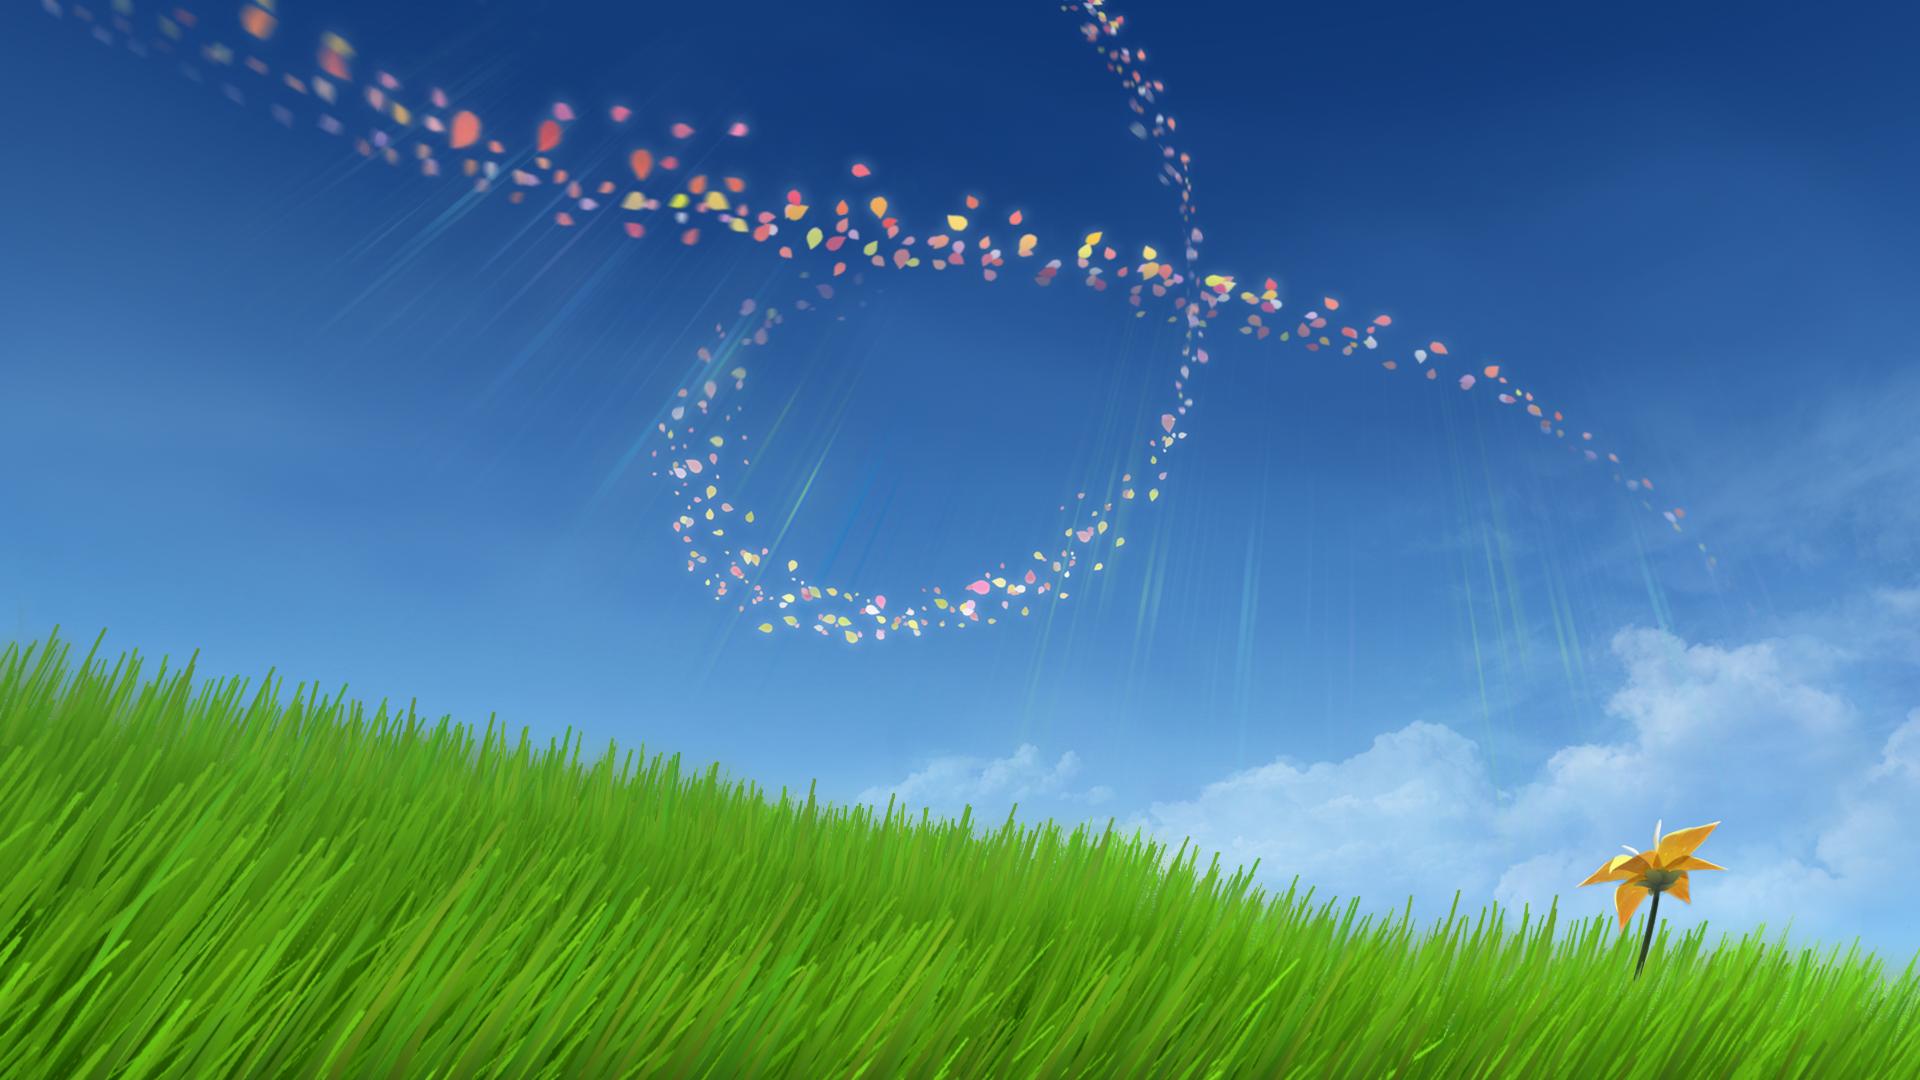 Flower - Изображение 1